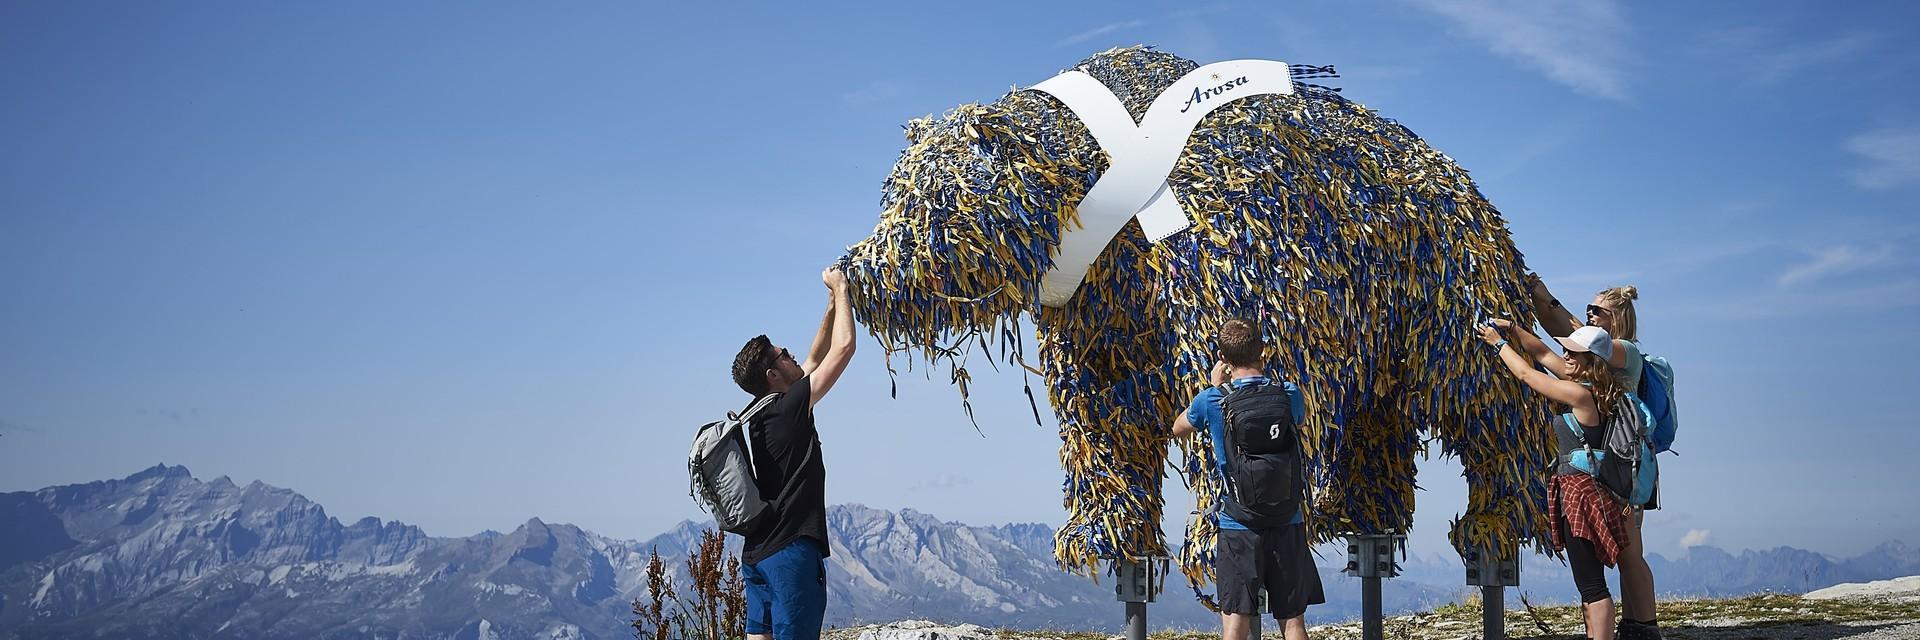 Weisshorn Bär auf dem Gipfel